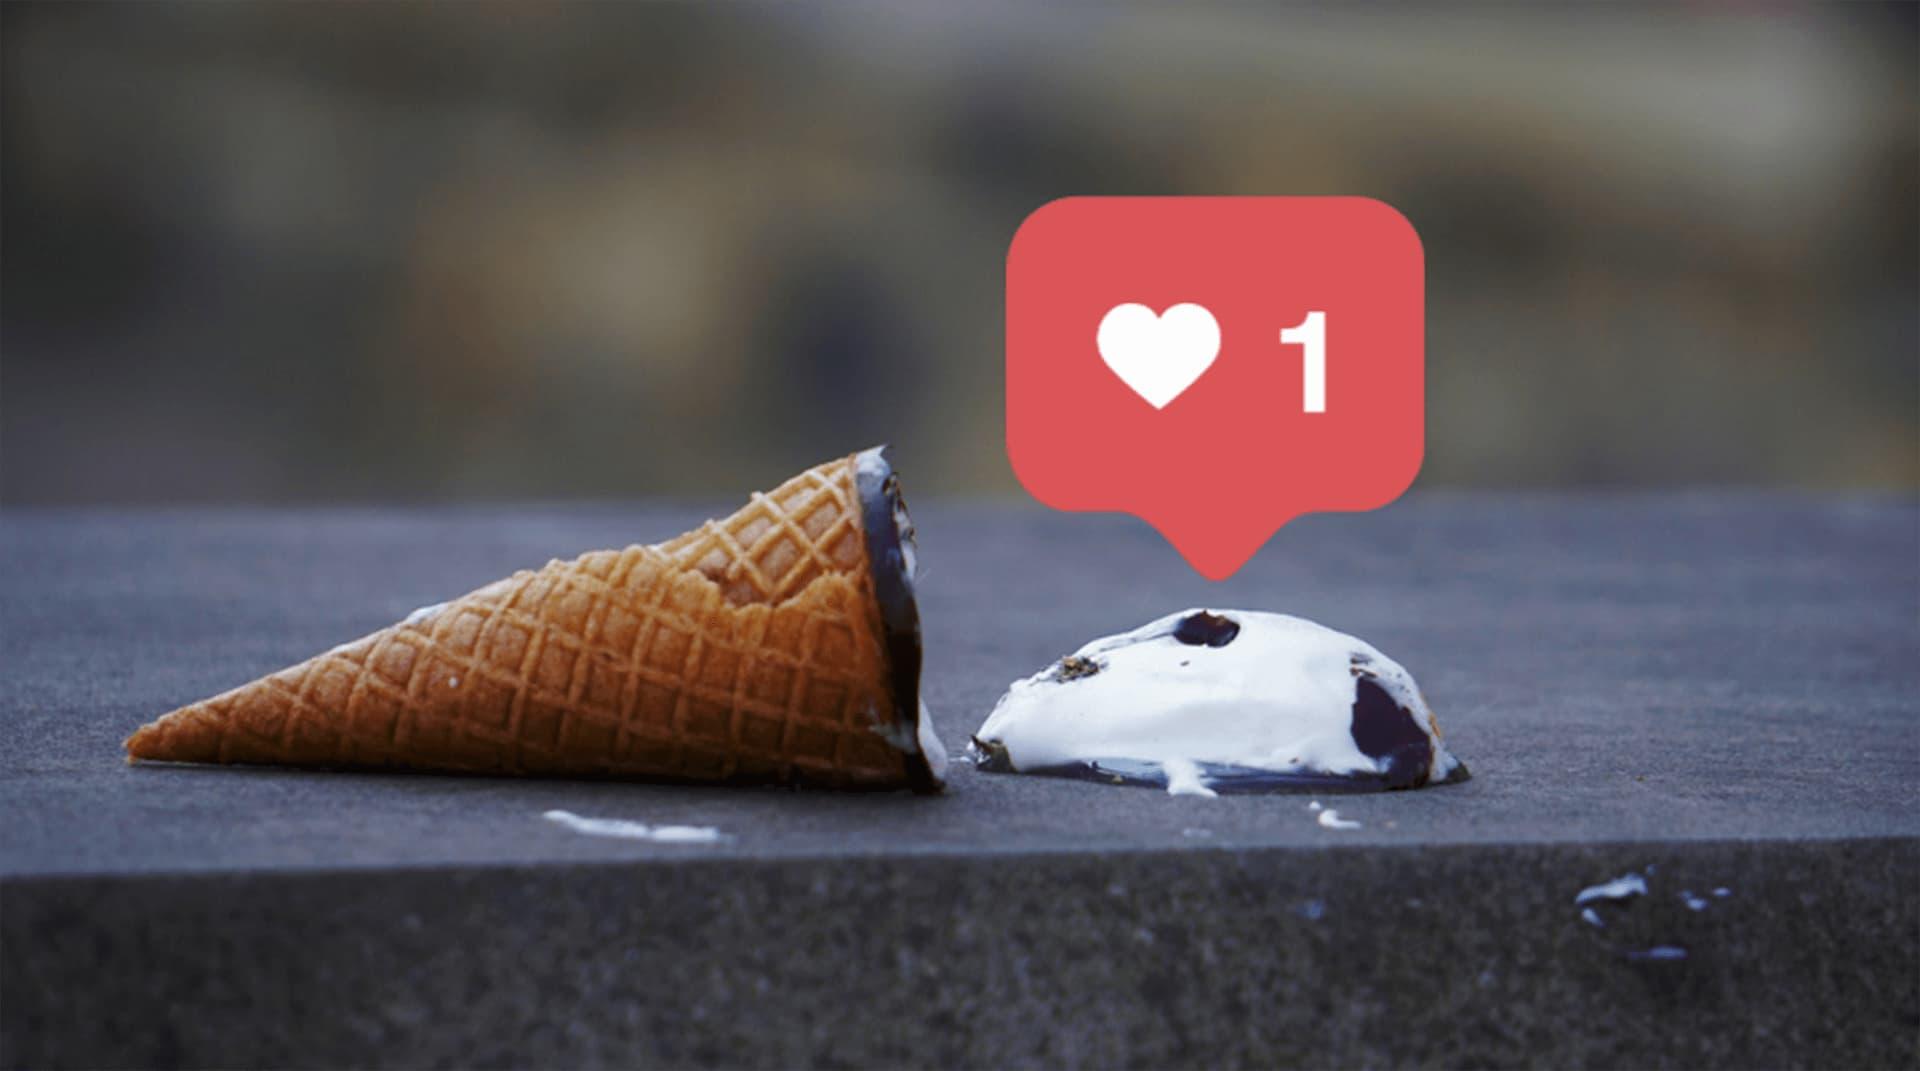 Как правильно оформить профиль в Instagram: 10 распространенных ошибок новичков